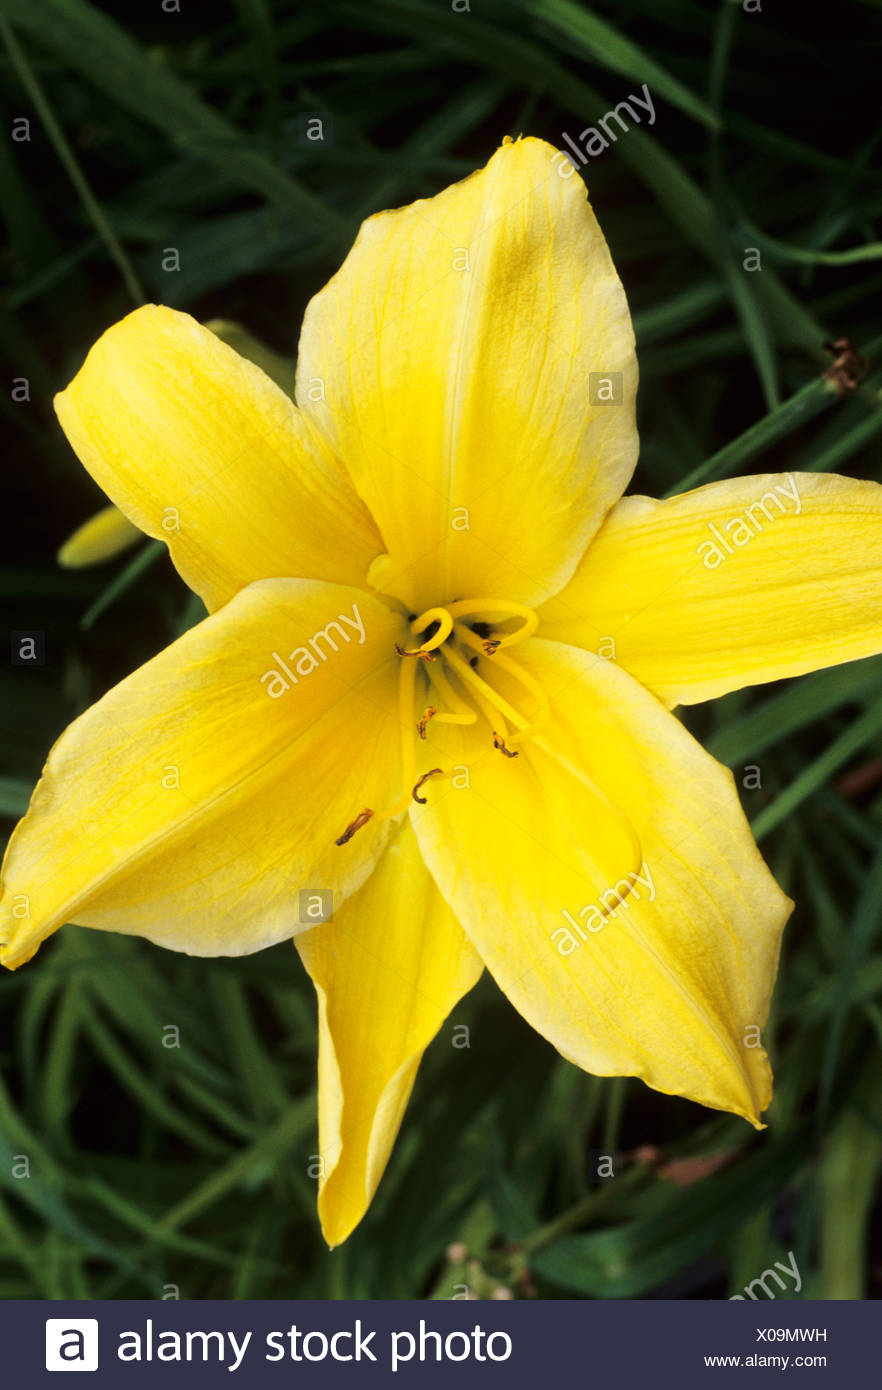 Hemerocallis big bird day lily lilies yellow flower flowers garden hemerocallis big bird day lily lilies yellow flower flowers garden plant plants izmirmasajfo Images